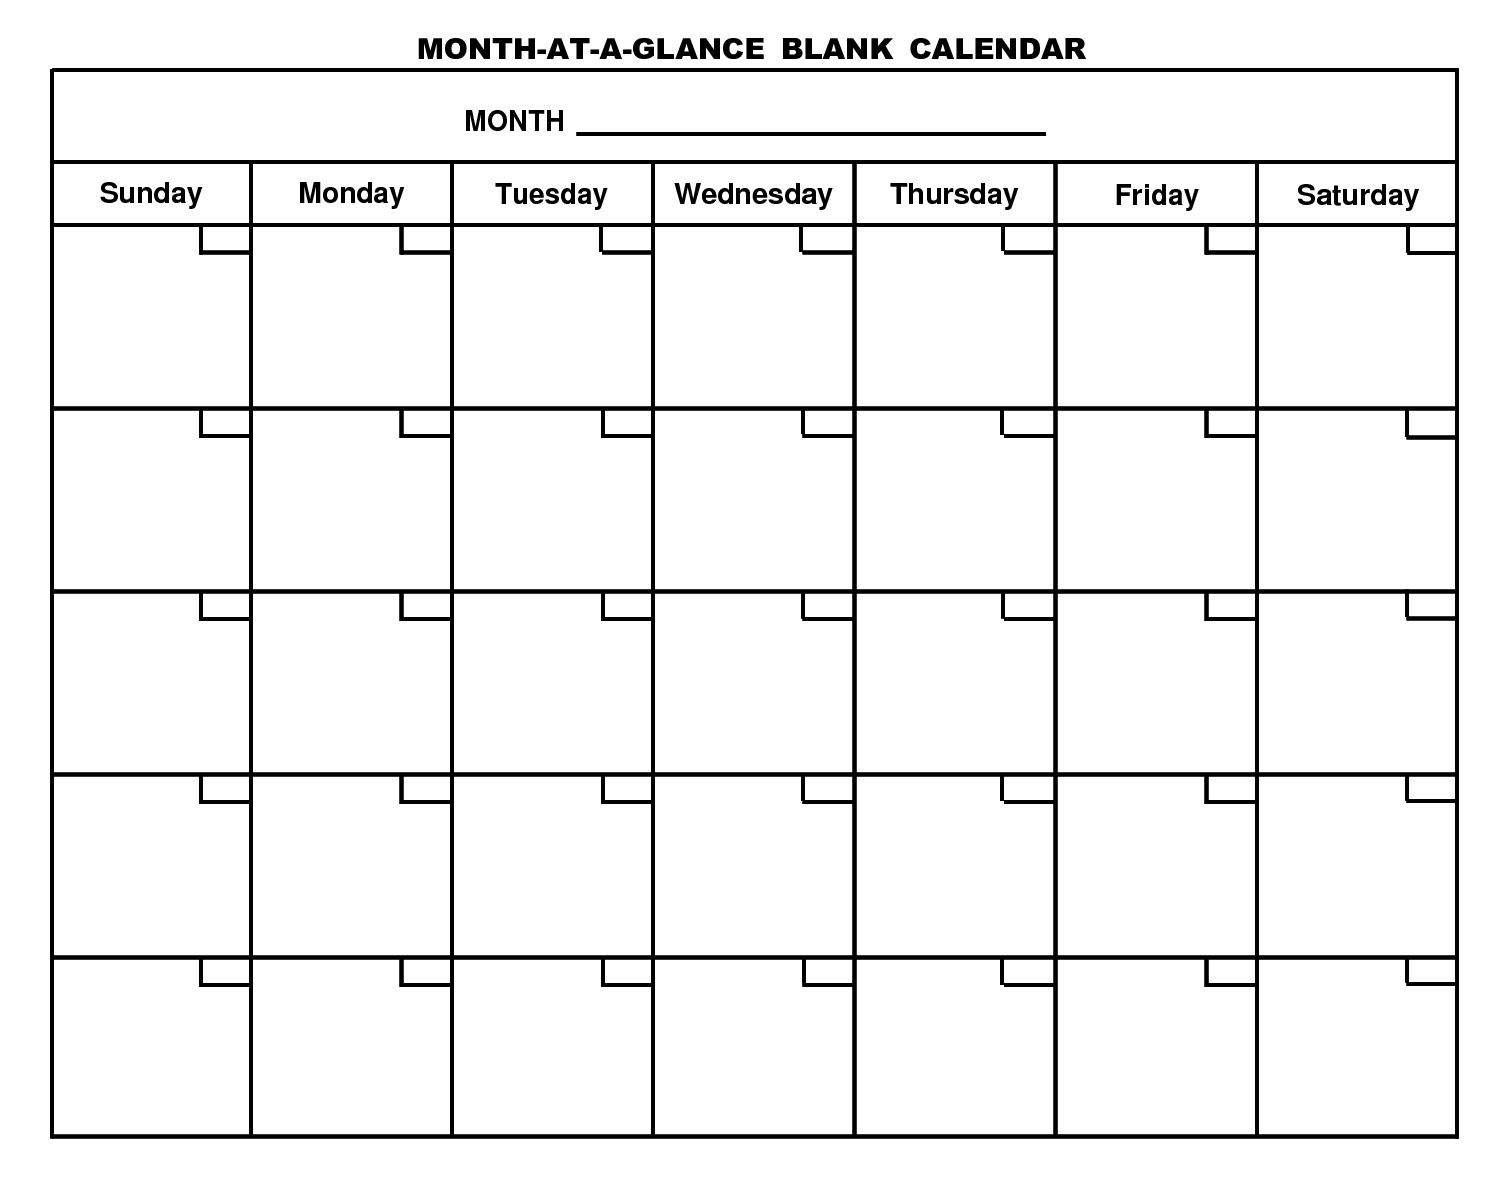 Print Blank Calendar Outlook June Weekly | Smorad